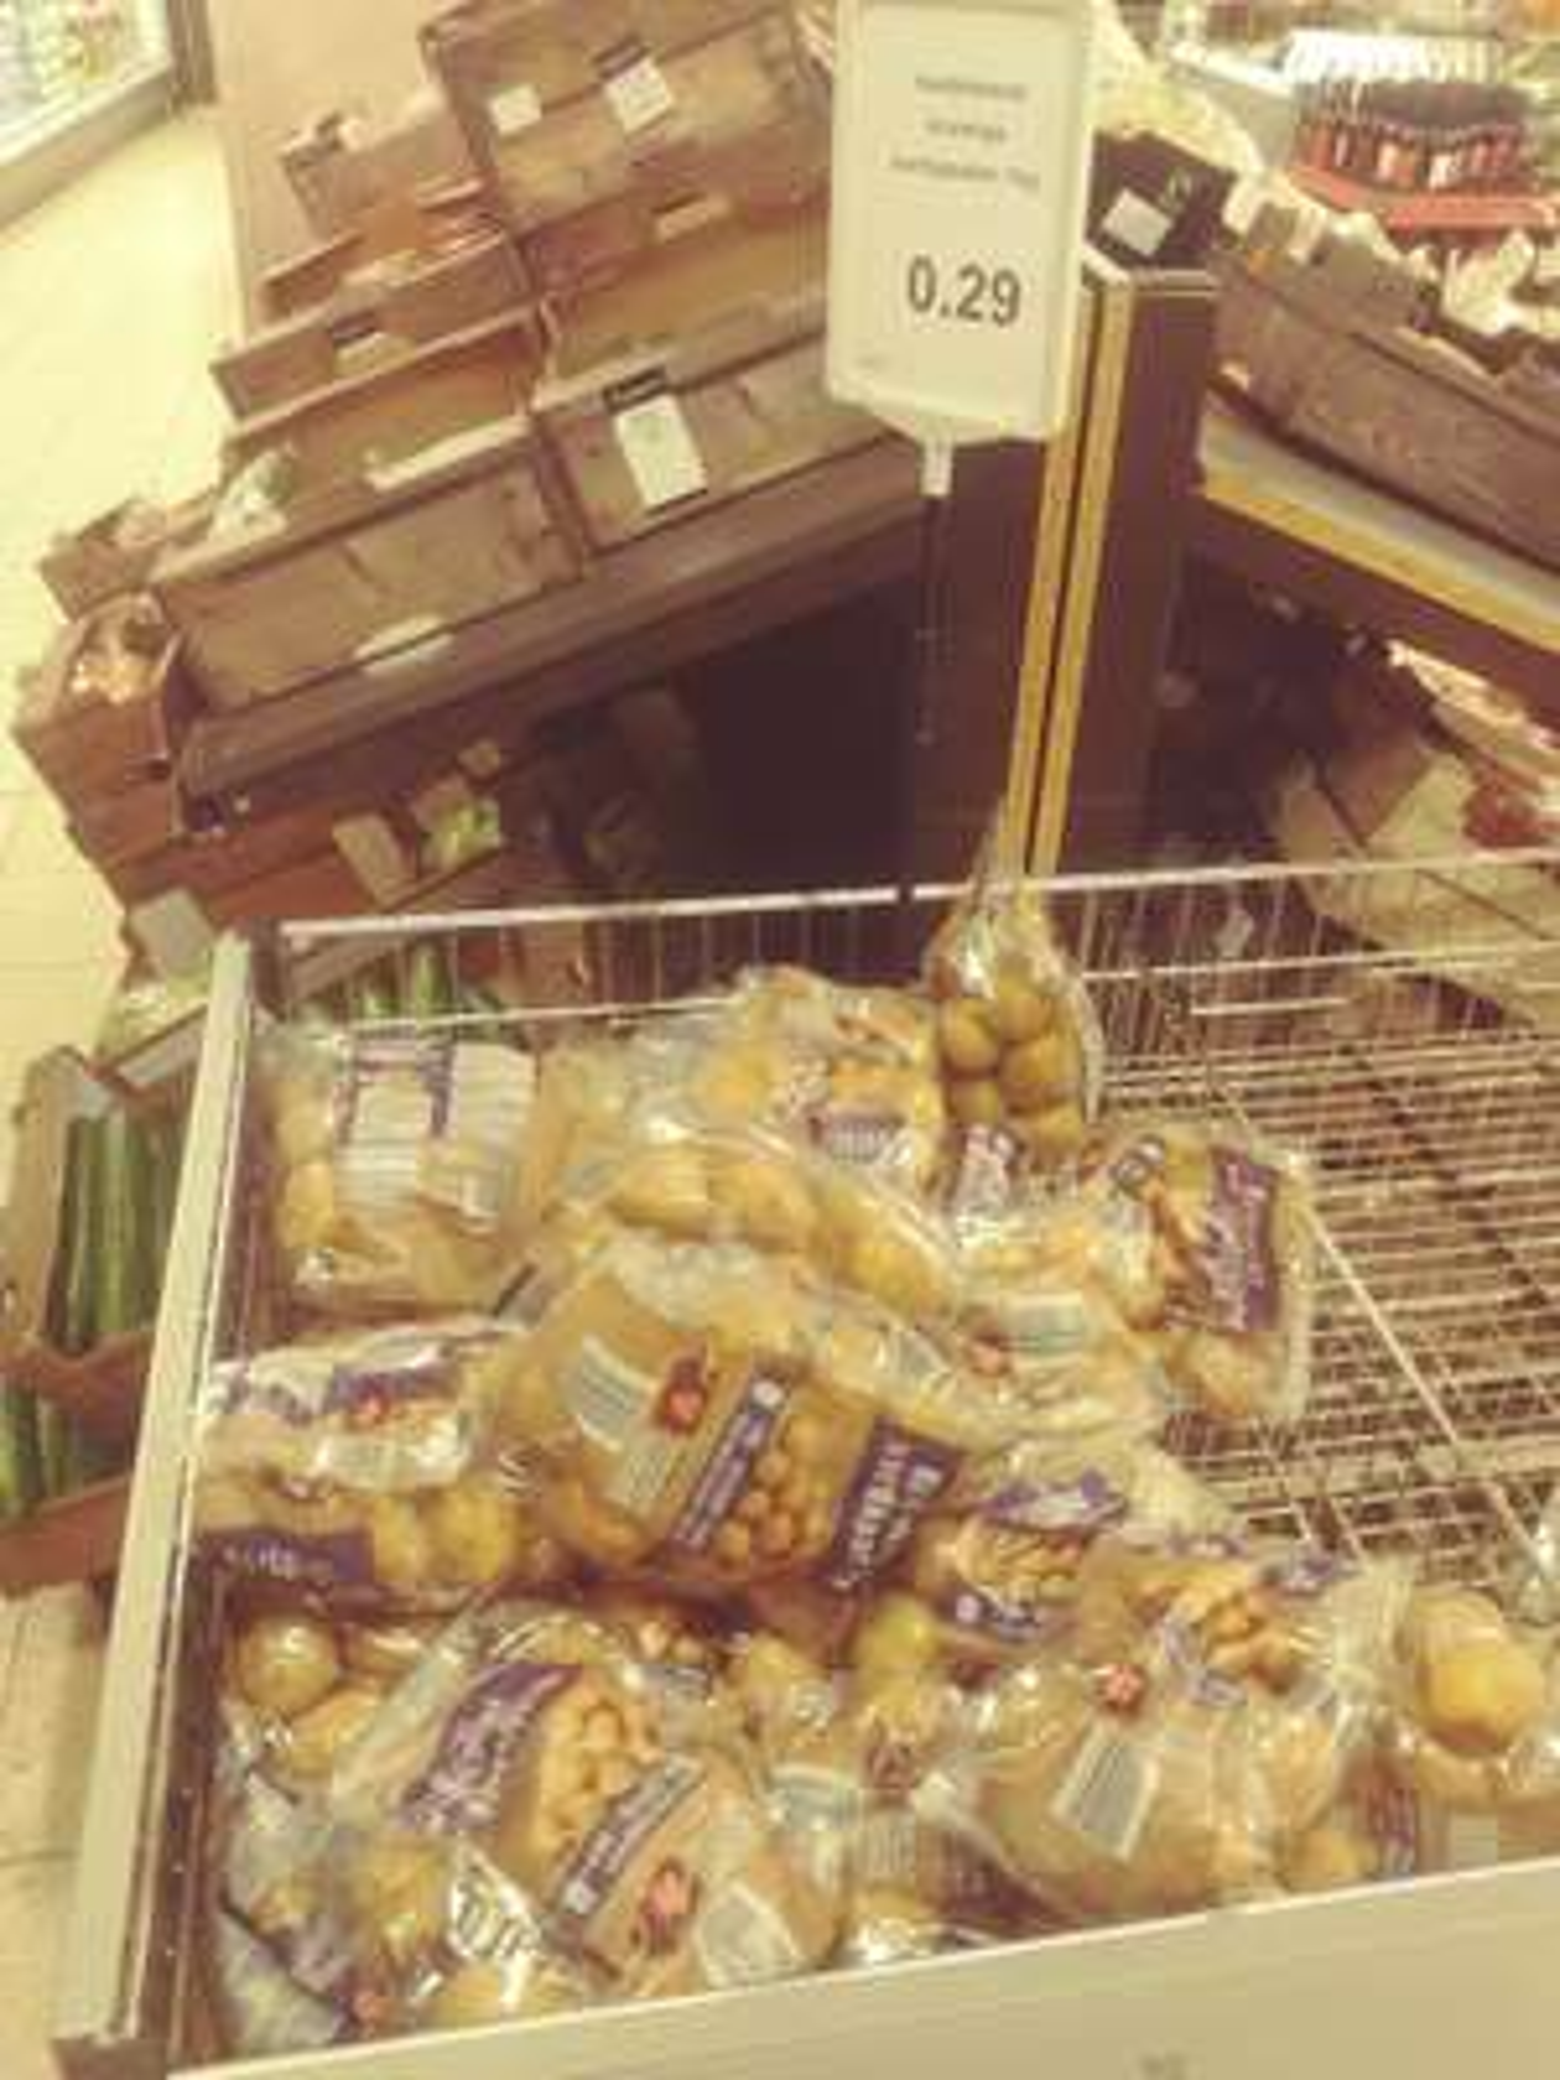 Vastkokend/Kruimige aardappelen 1kg (Aldi - Eudokiaplein Rotterdam)